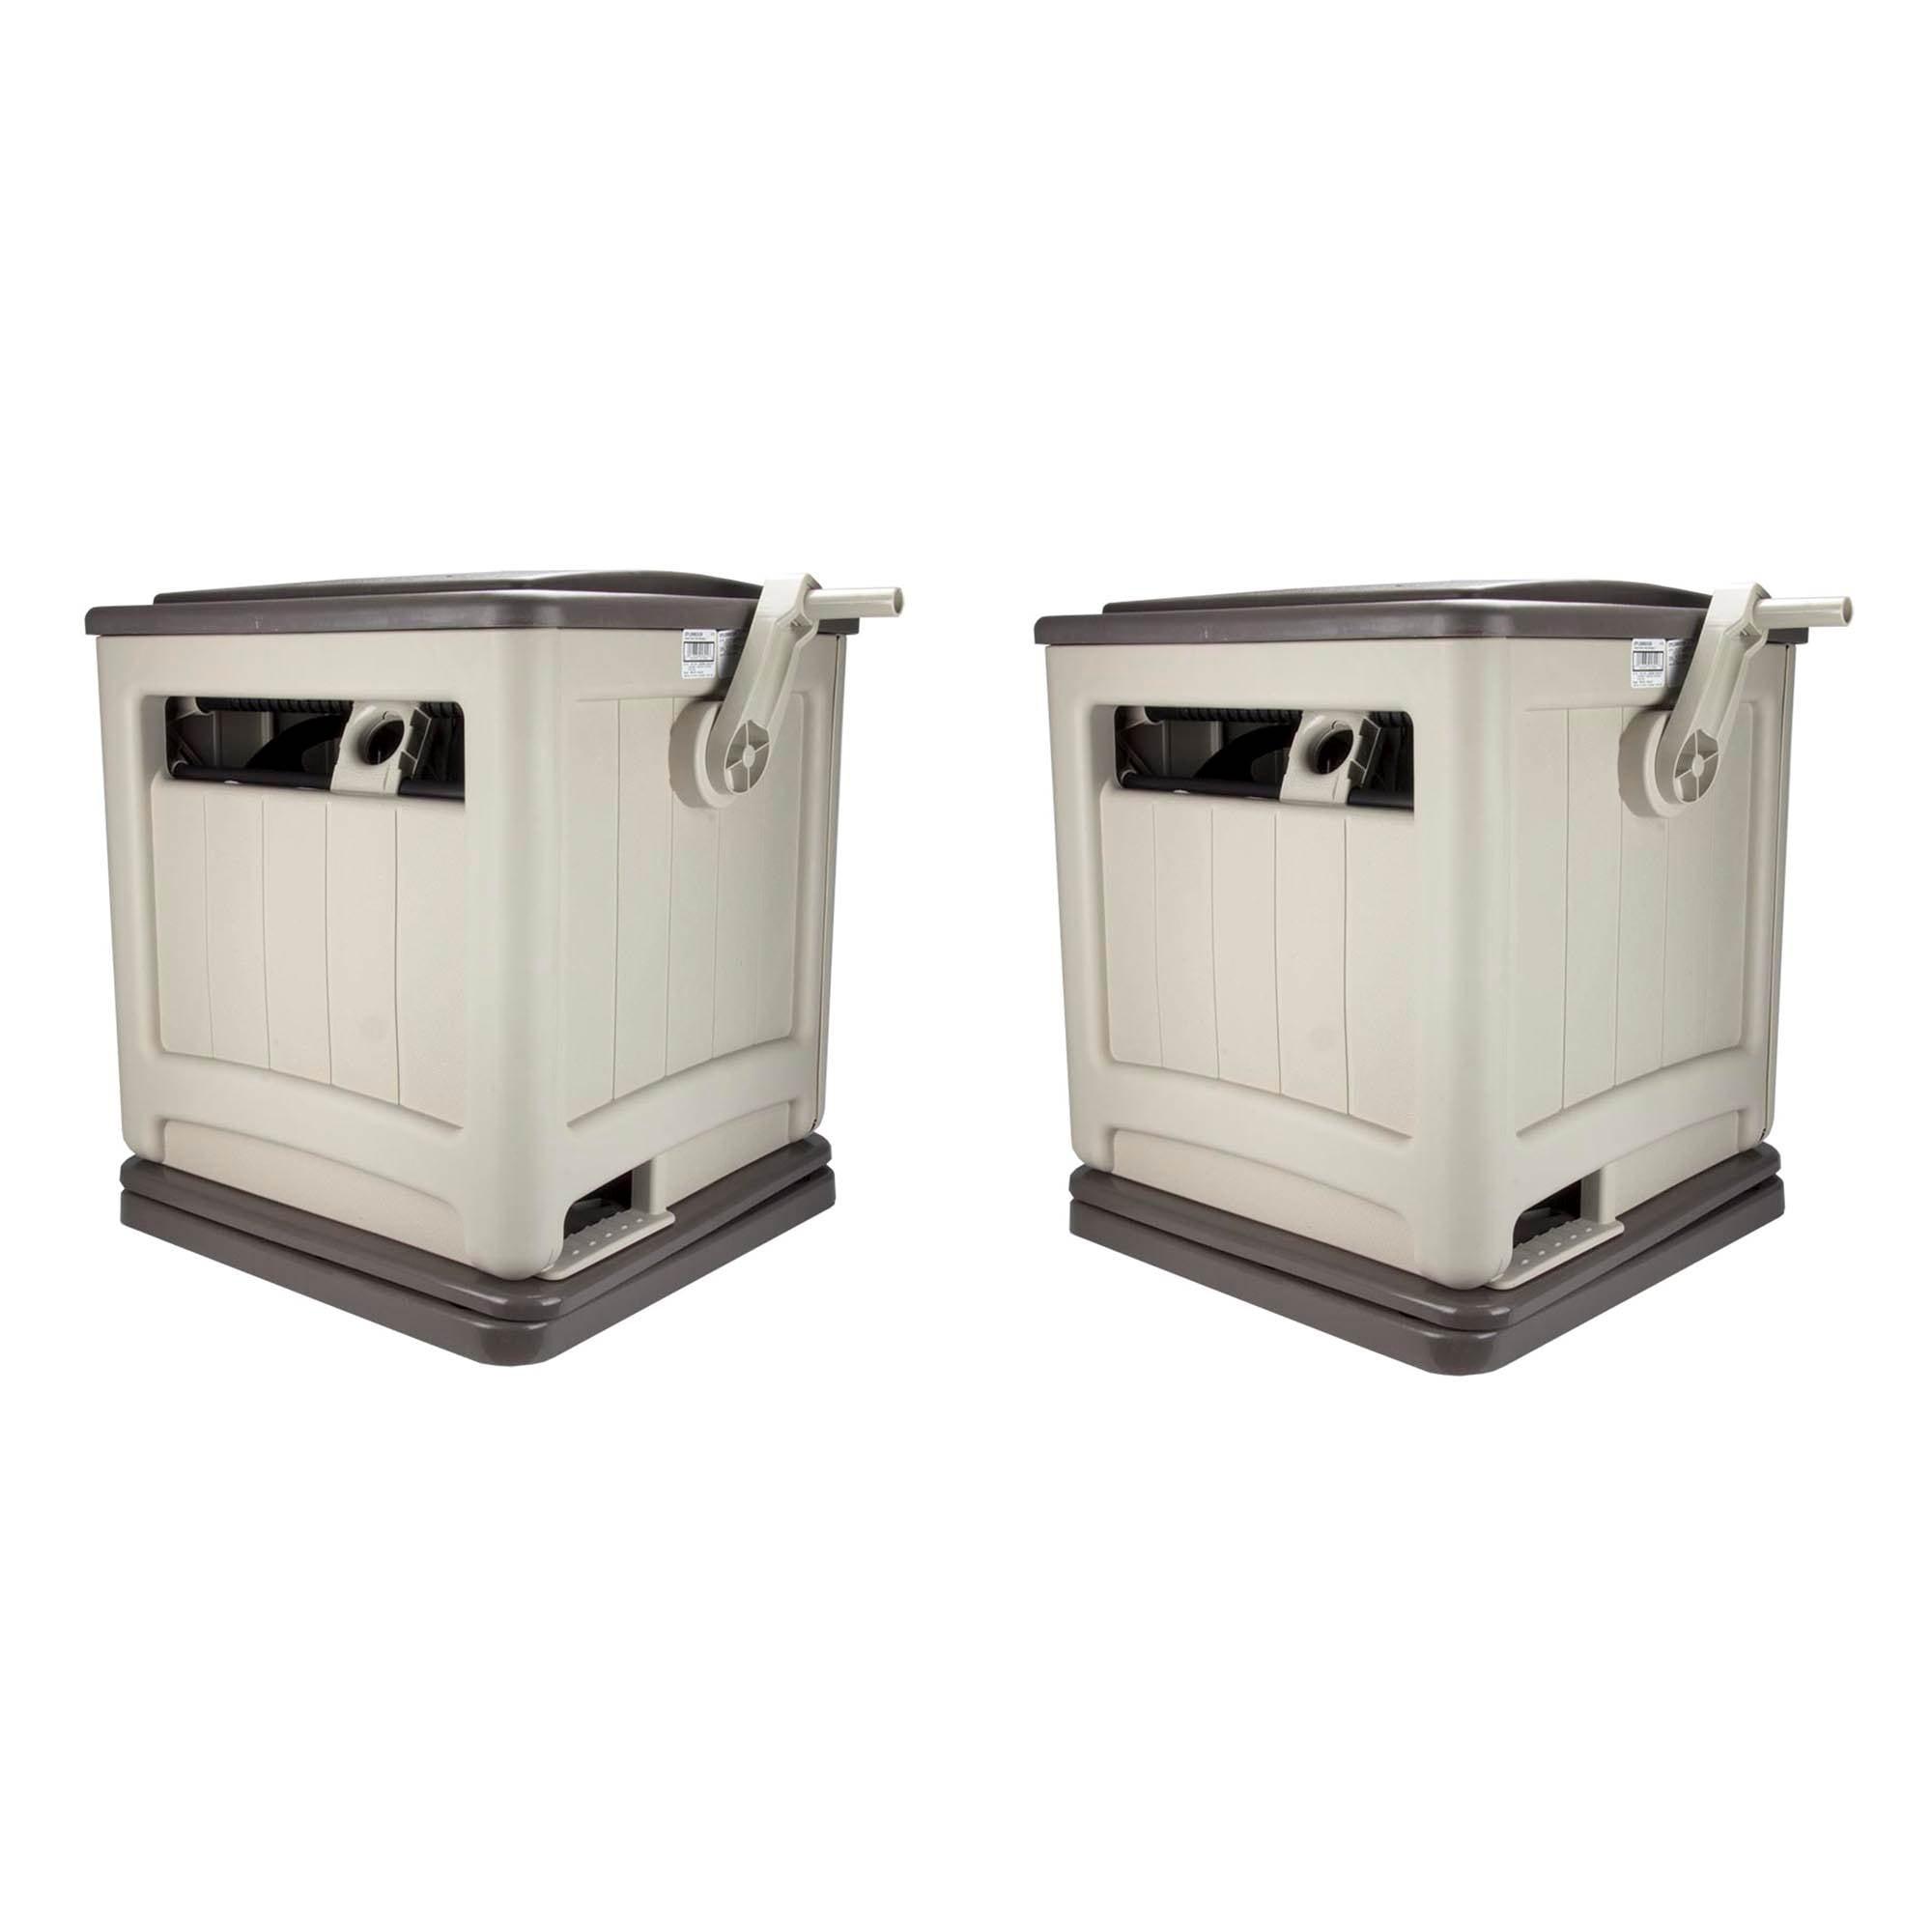 Suncast Swivel Smart Trak Hose Hideaway 225 Foot Hose Reel Storage Bin Taupe